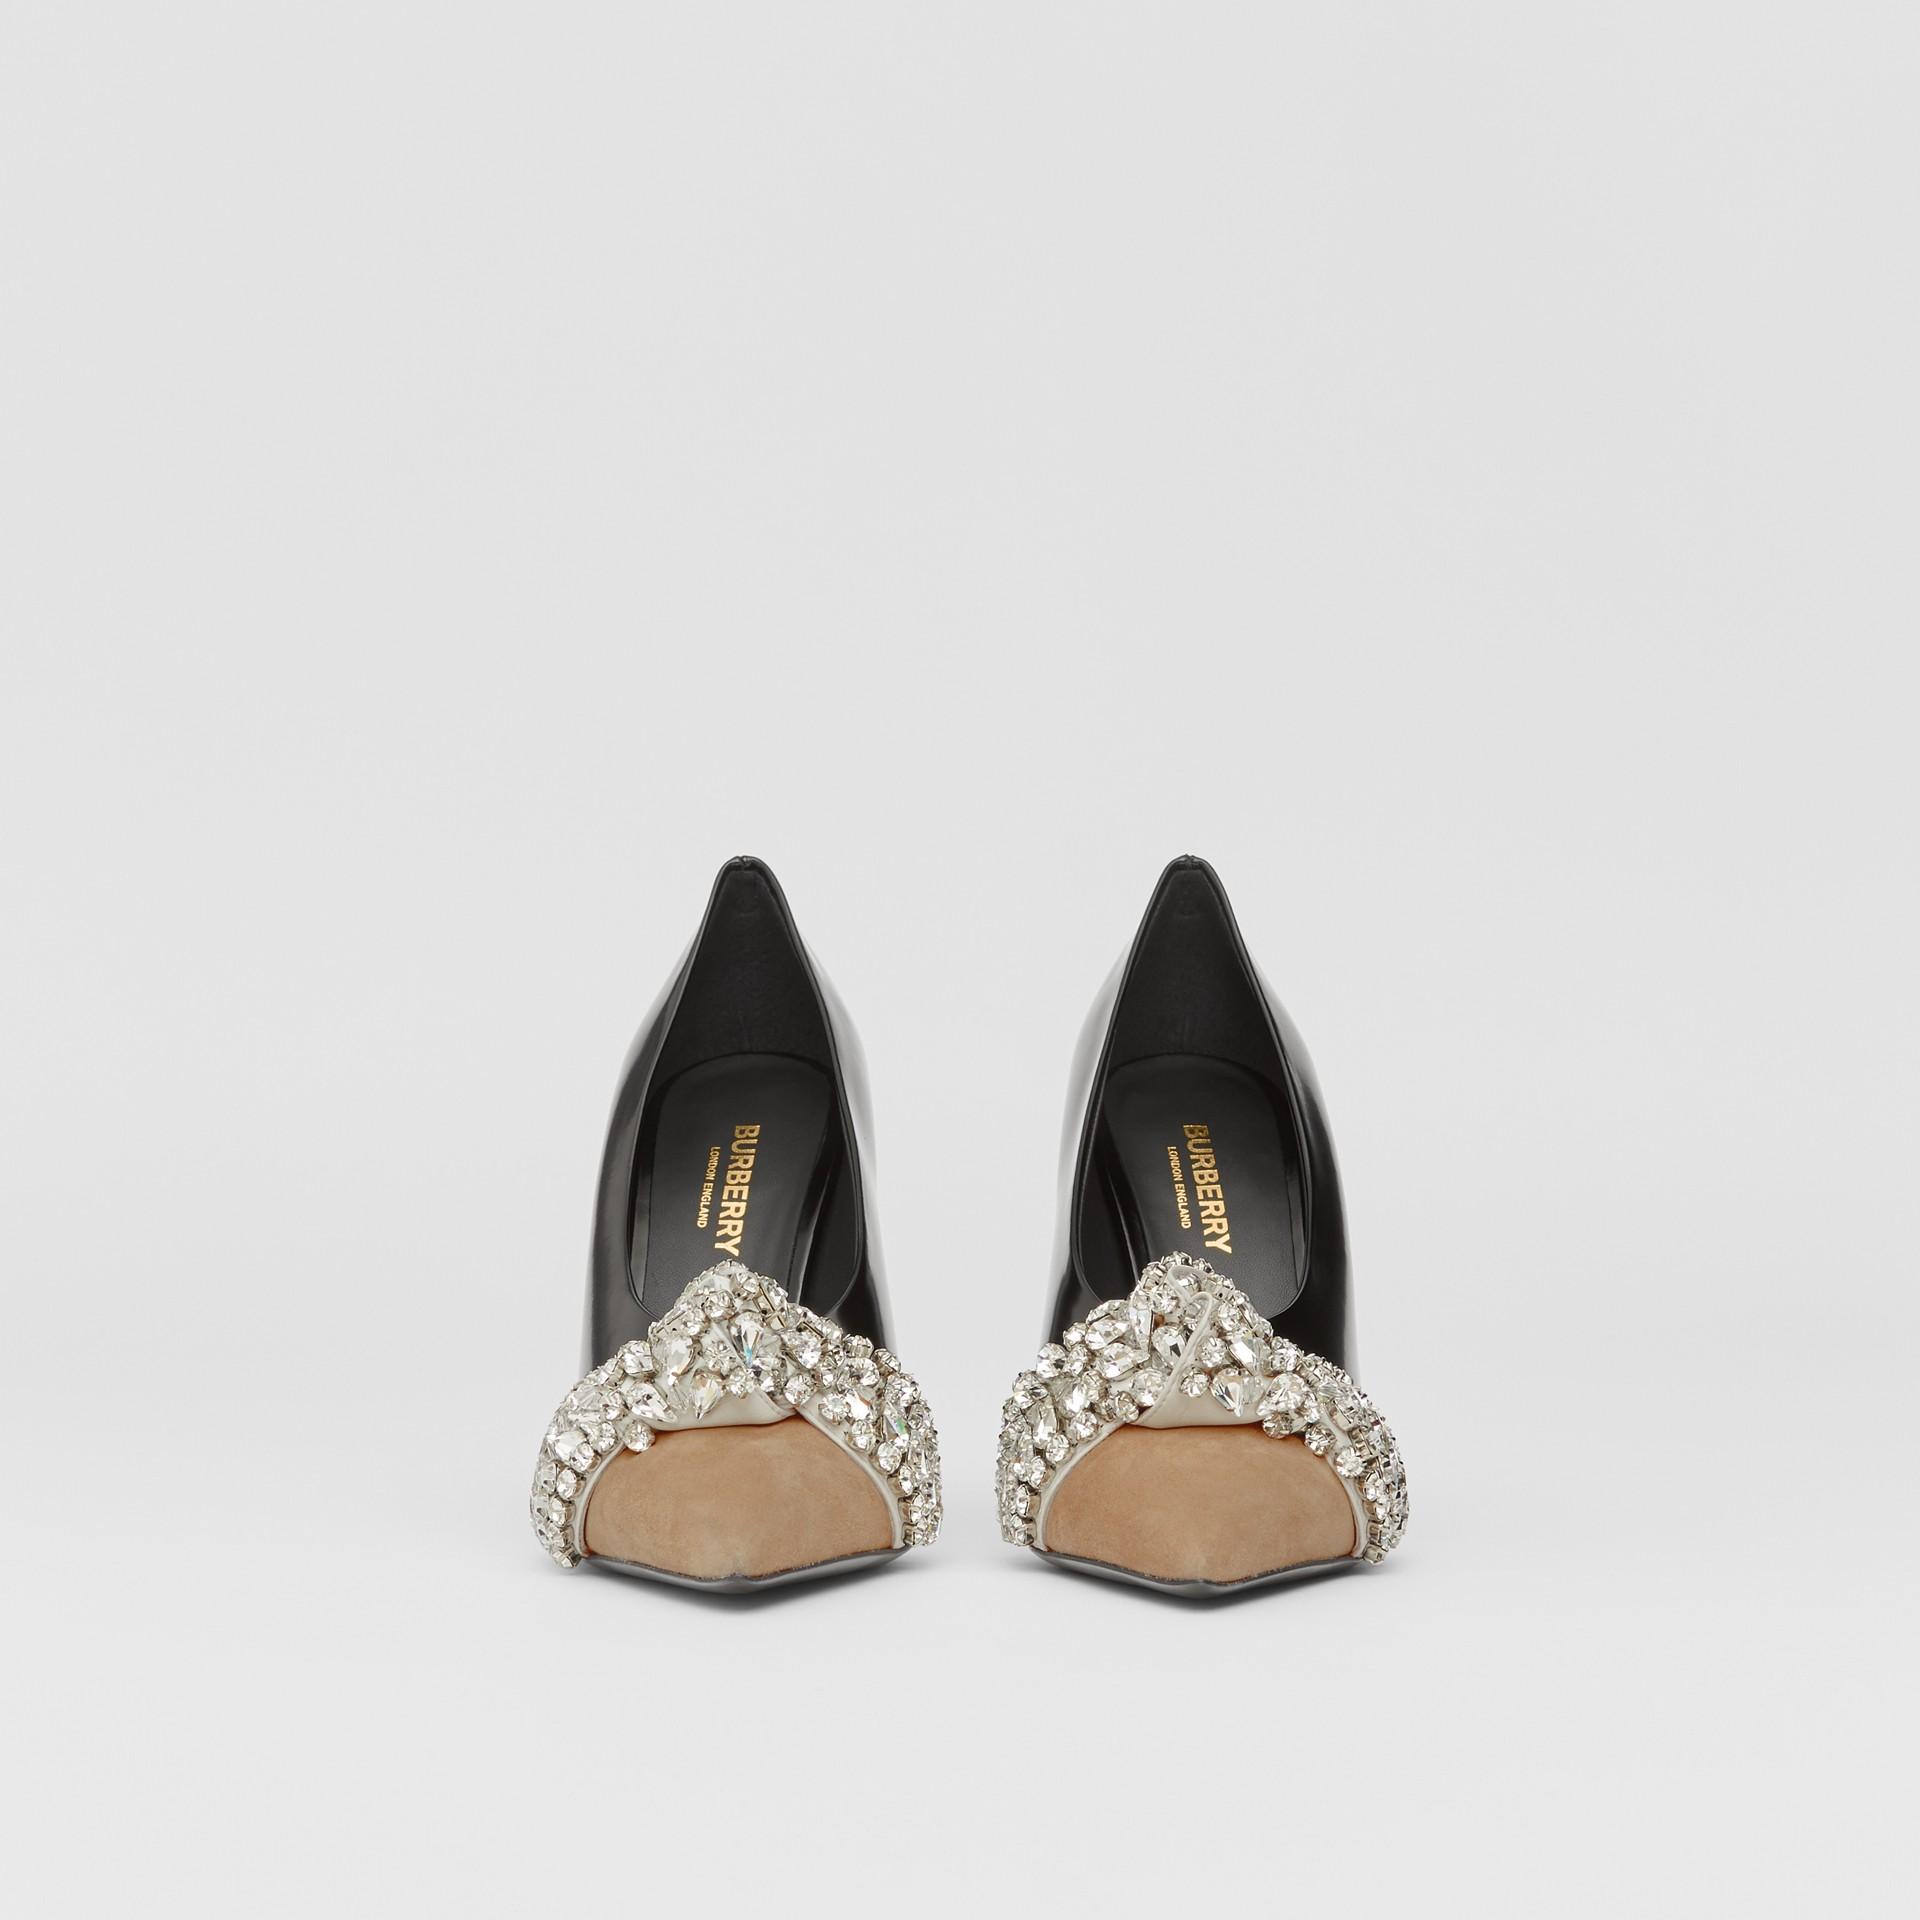 Spitz zulaufende Pumps aus Leder und Veloursleder mit Kristalldetail (Schwarz) - Damen | Burberry - Galerie-Bild 3